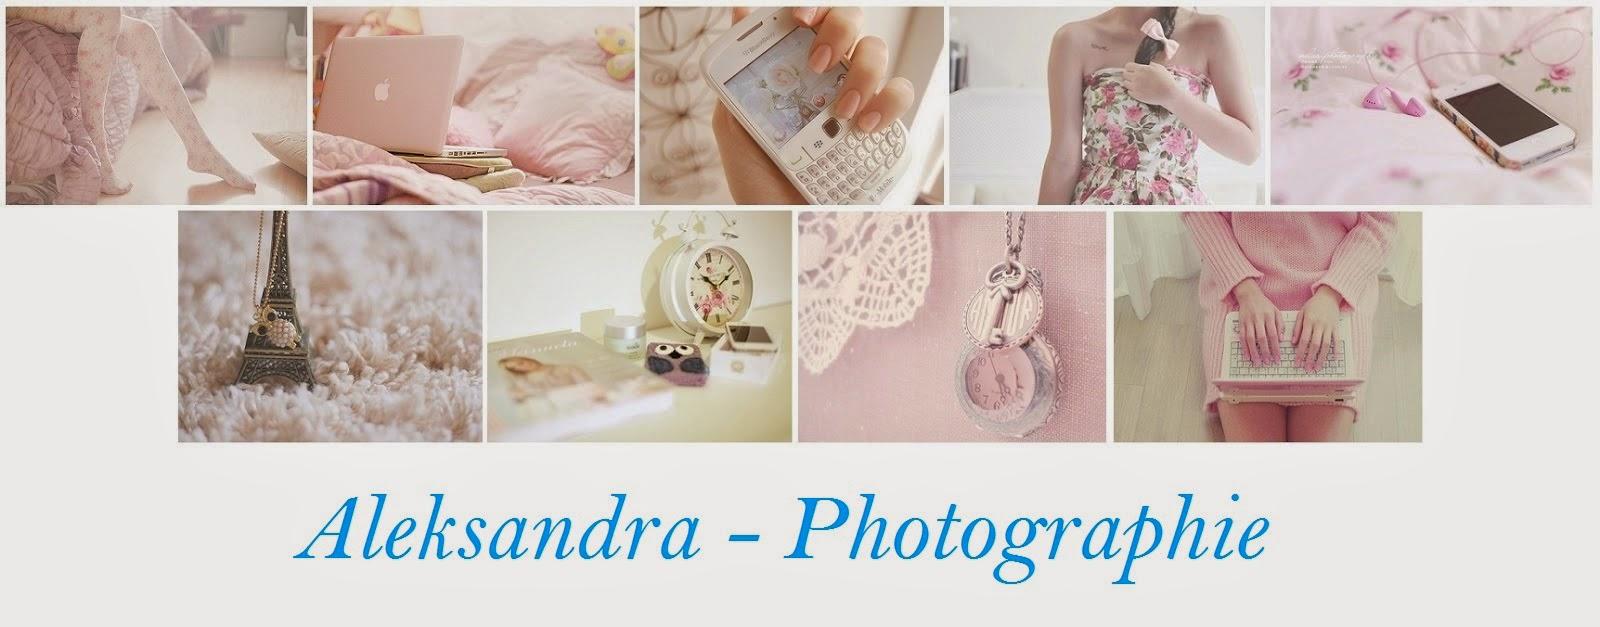 Aleksandra-Photographie